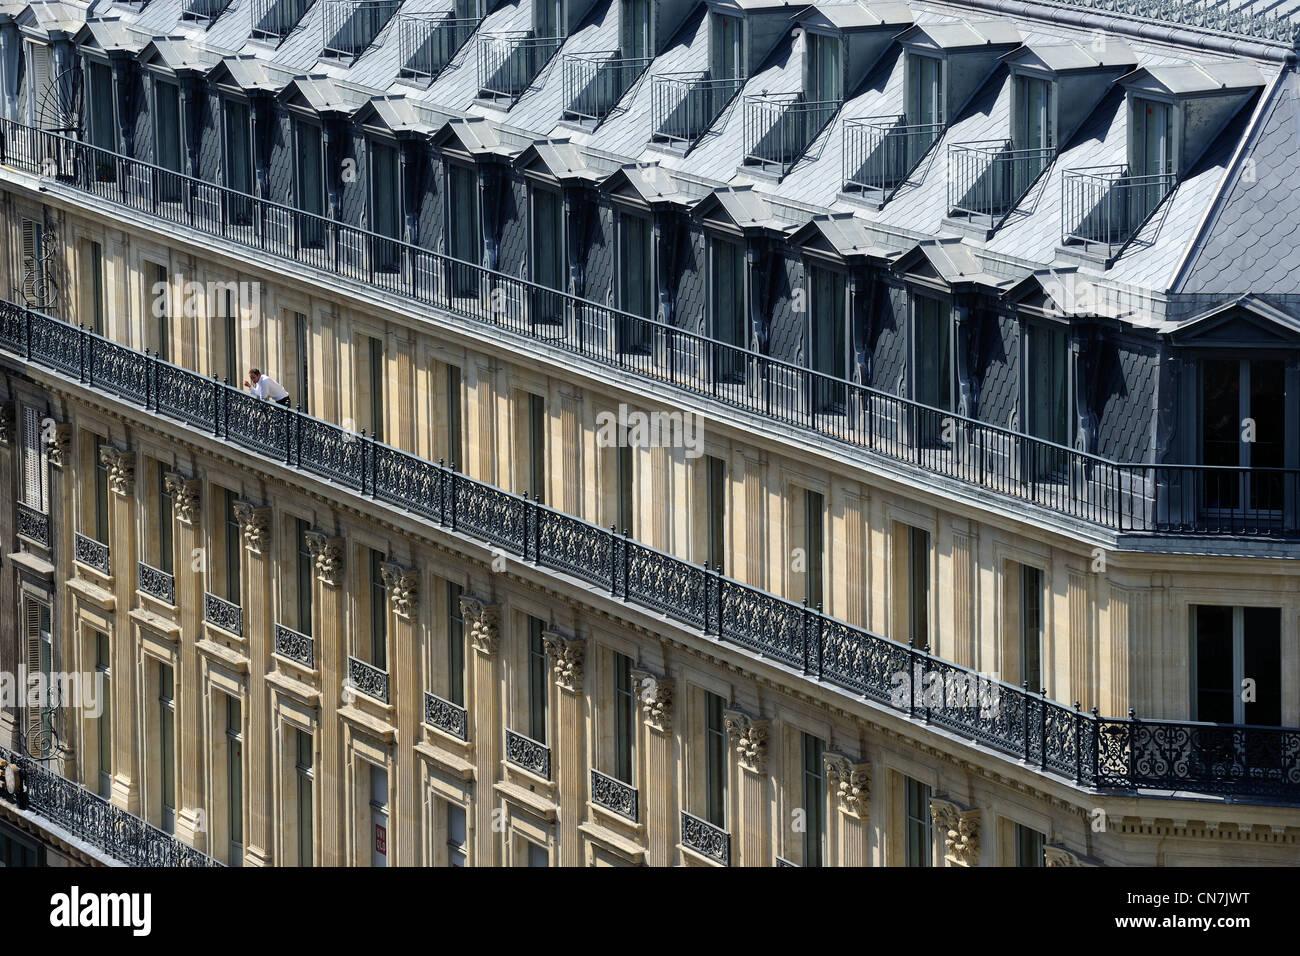 Paris Haussmann Stockfotos & Paris Haussmann Bilder - Alamy